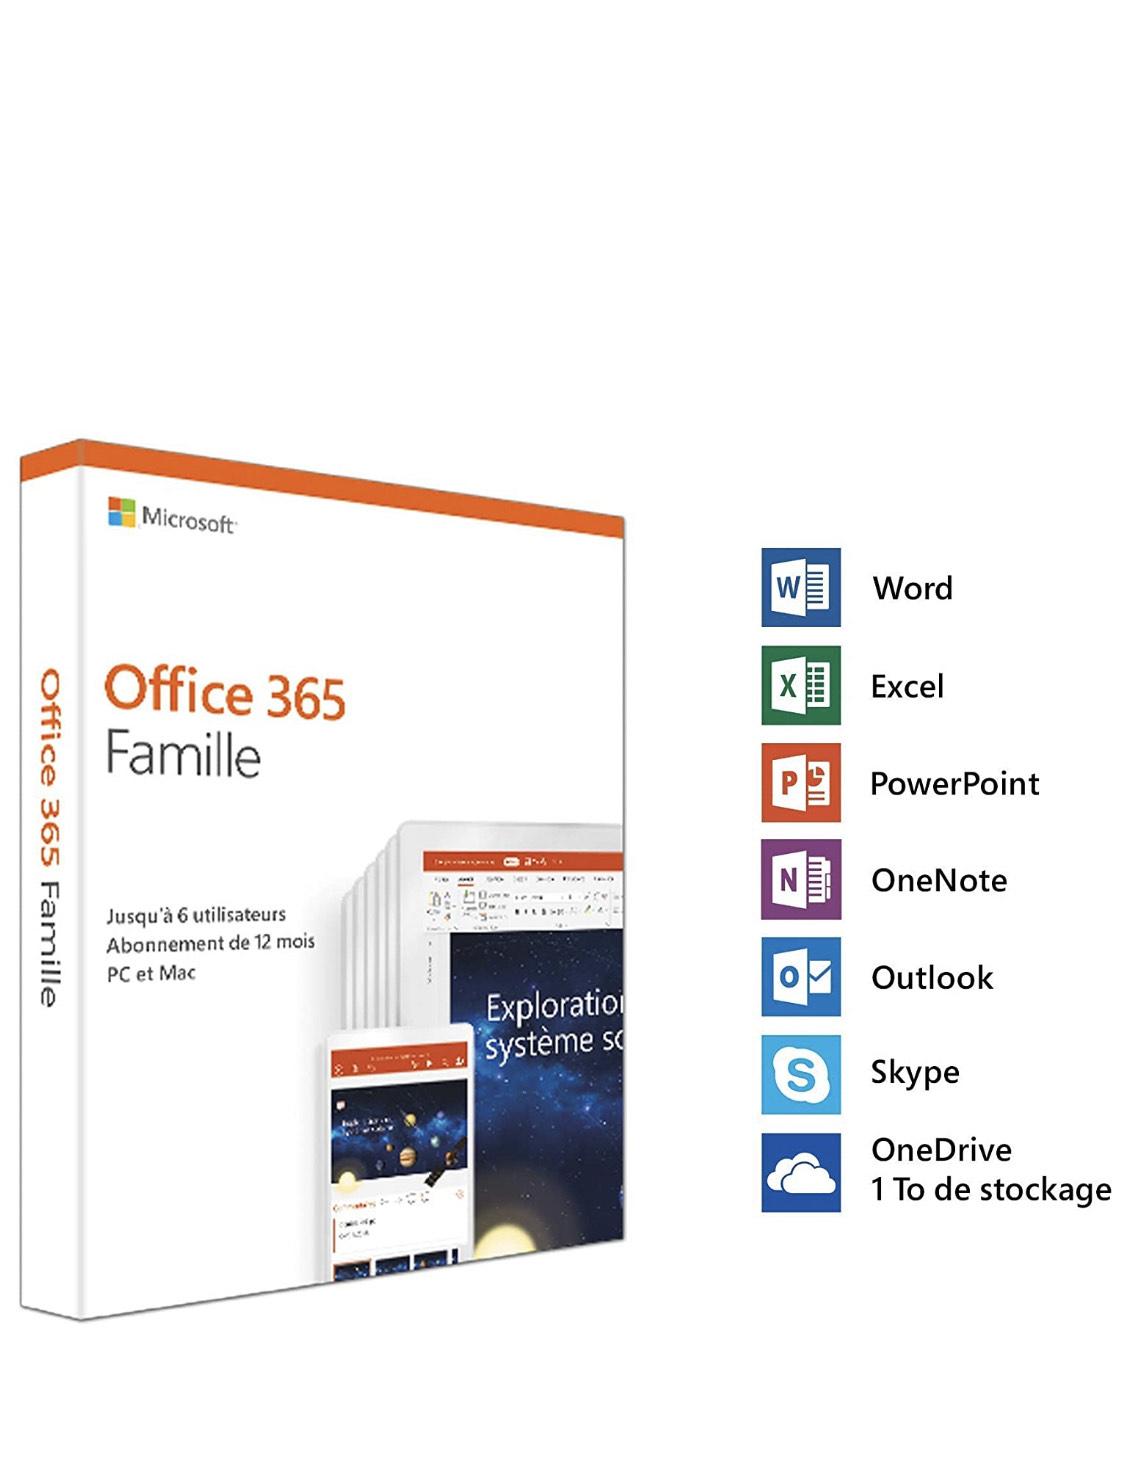 Licence Microsoft Office 365 Famille - 6 Utilisateurs, 1 An (Boite avec téléchargement dématérialisé)